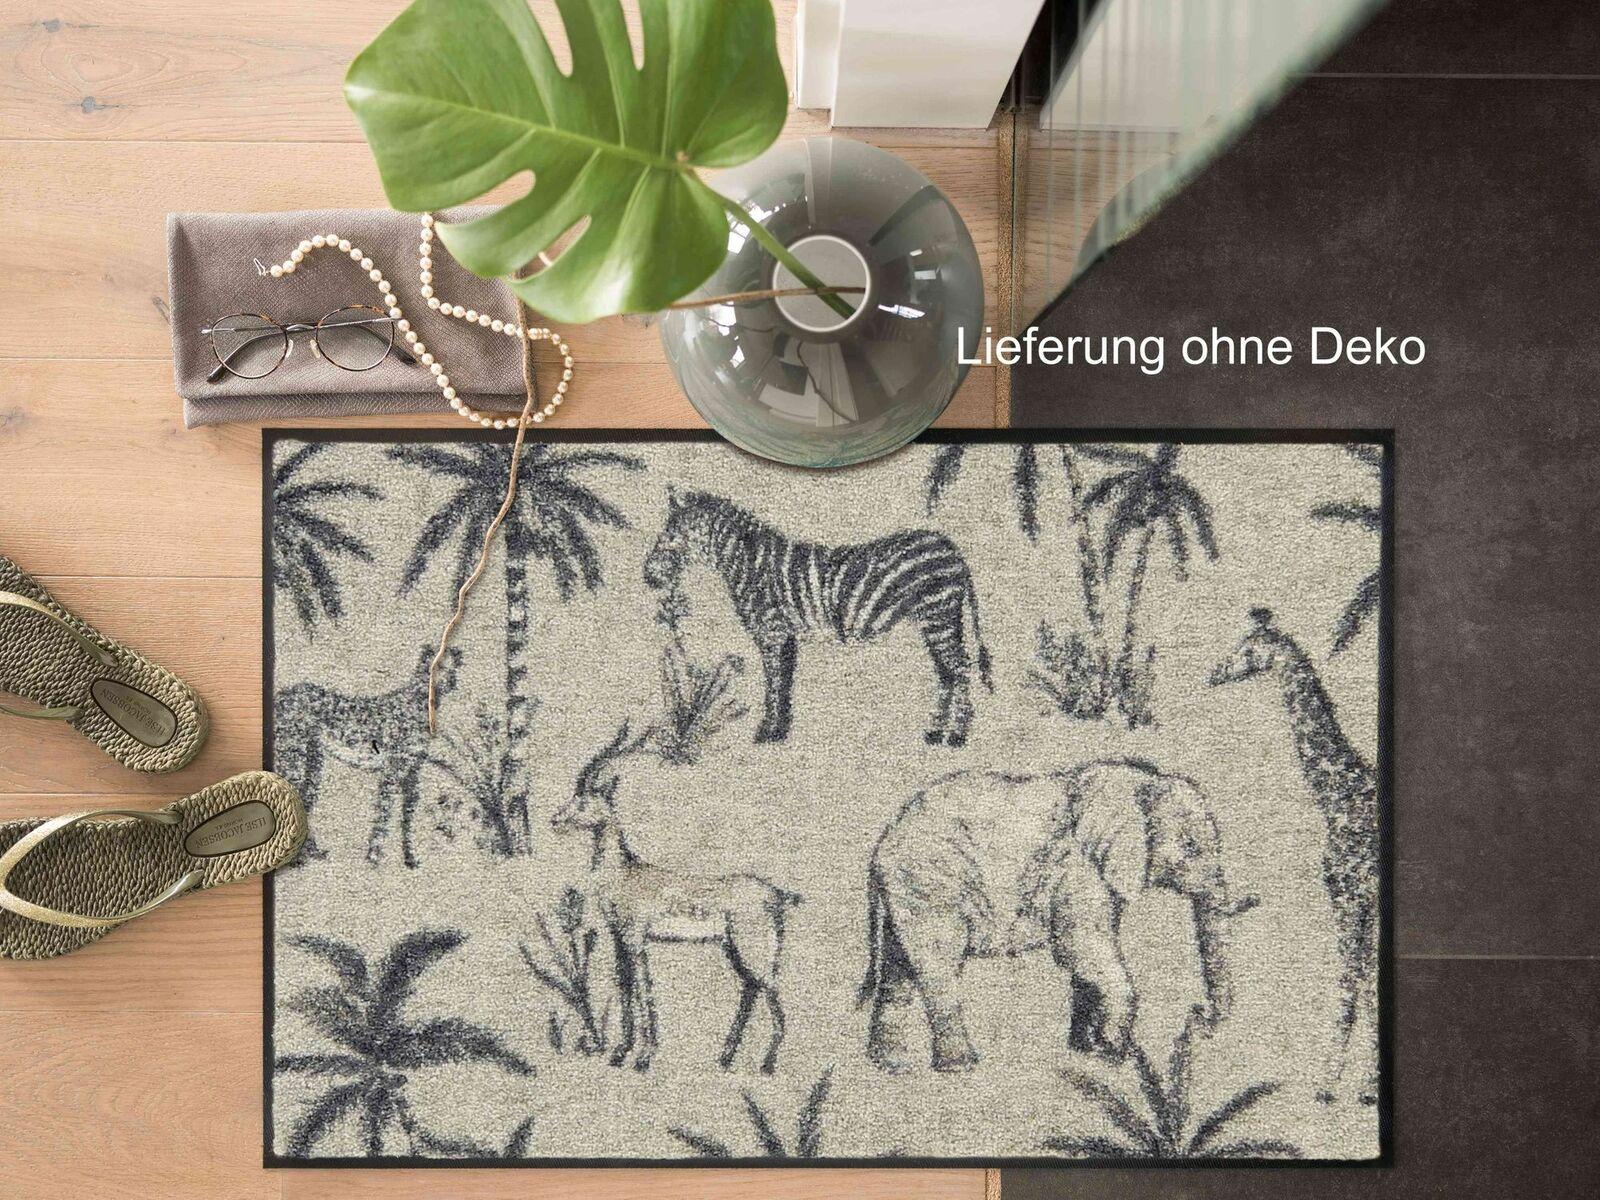 Salonloewe Salonloewe Salonloewe Fußmatte Afrikatiere waschbarer Türvorleger Läufer Fußabtreter Tiere 31bf41